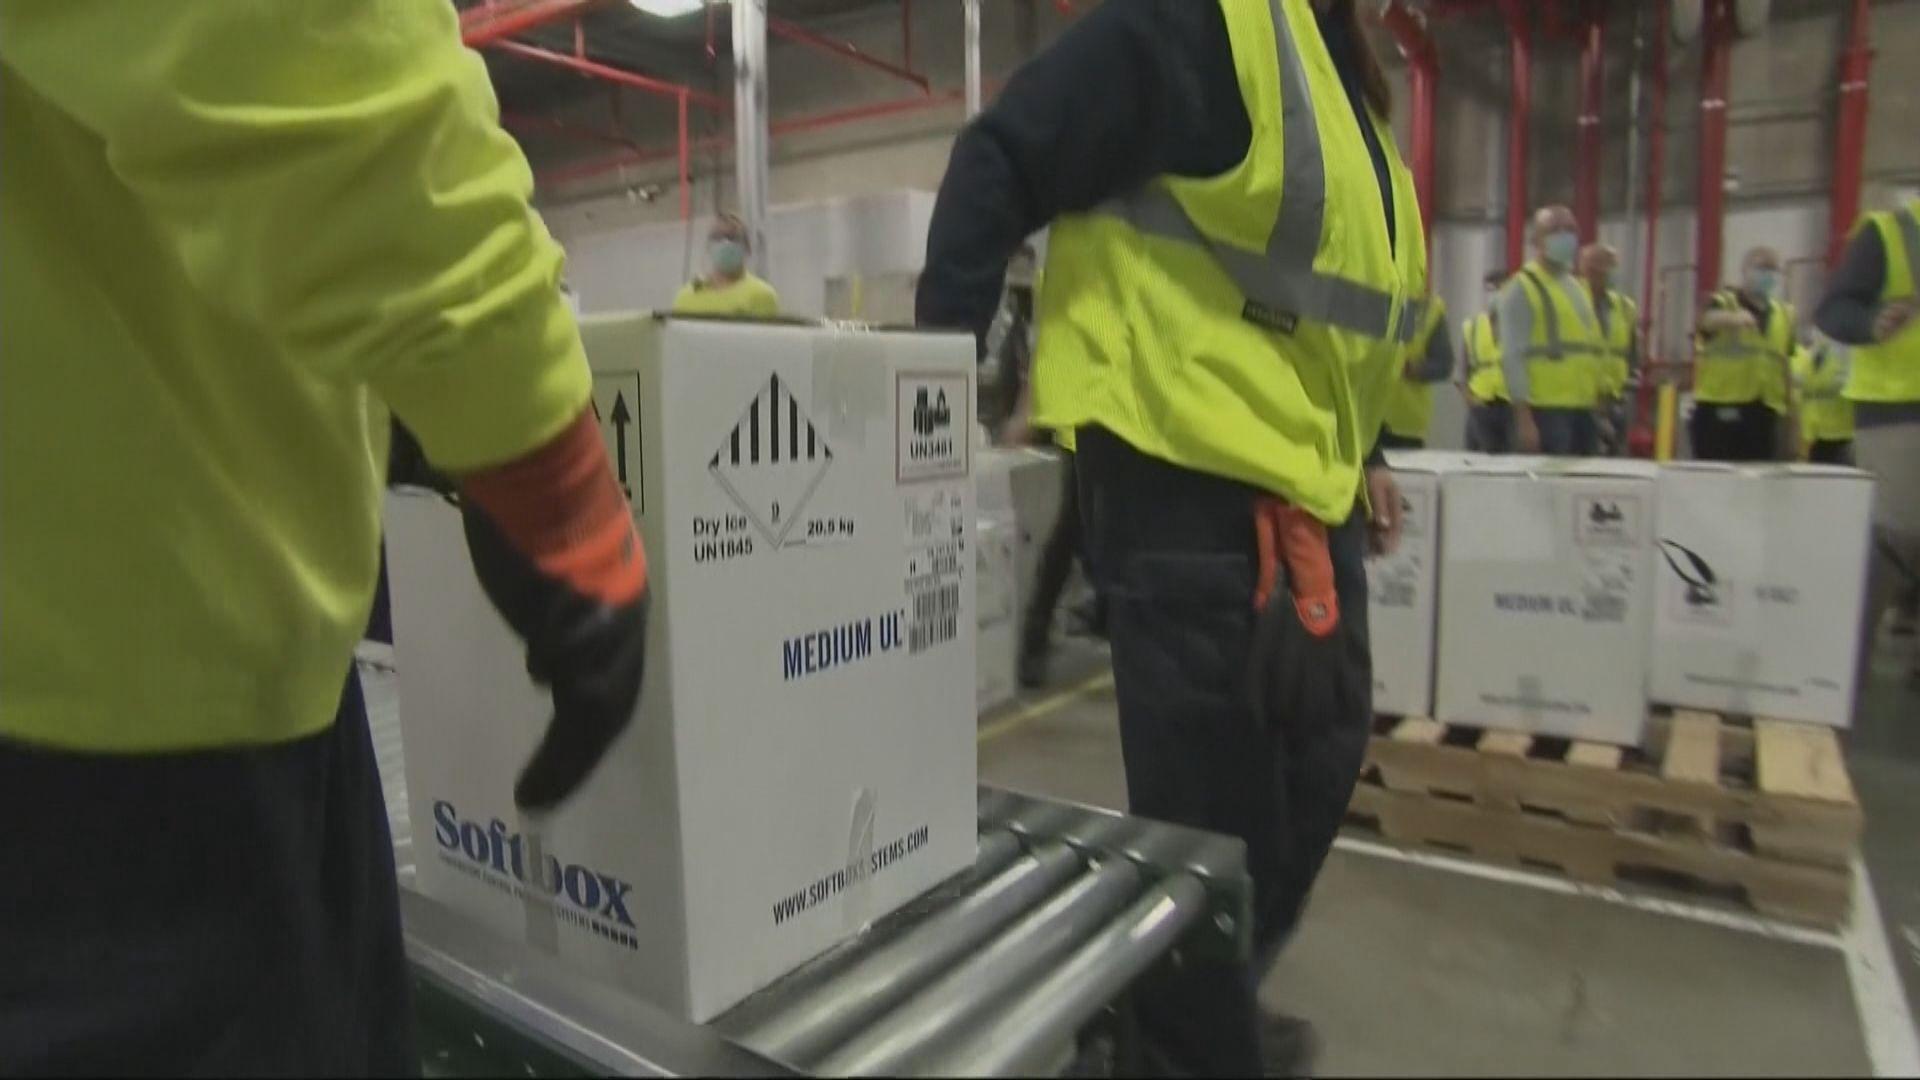 100萬劑BioNTech供港疫苗已完成生產 料二月下旬德國運港